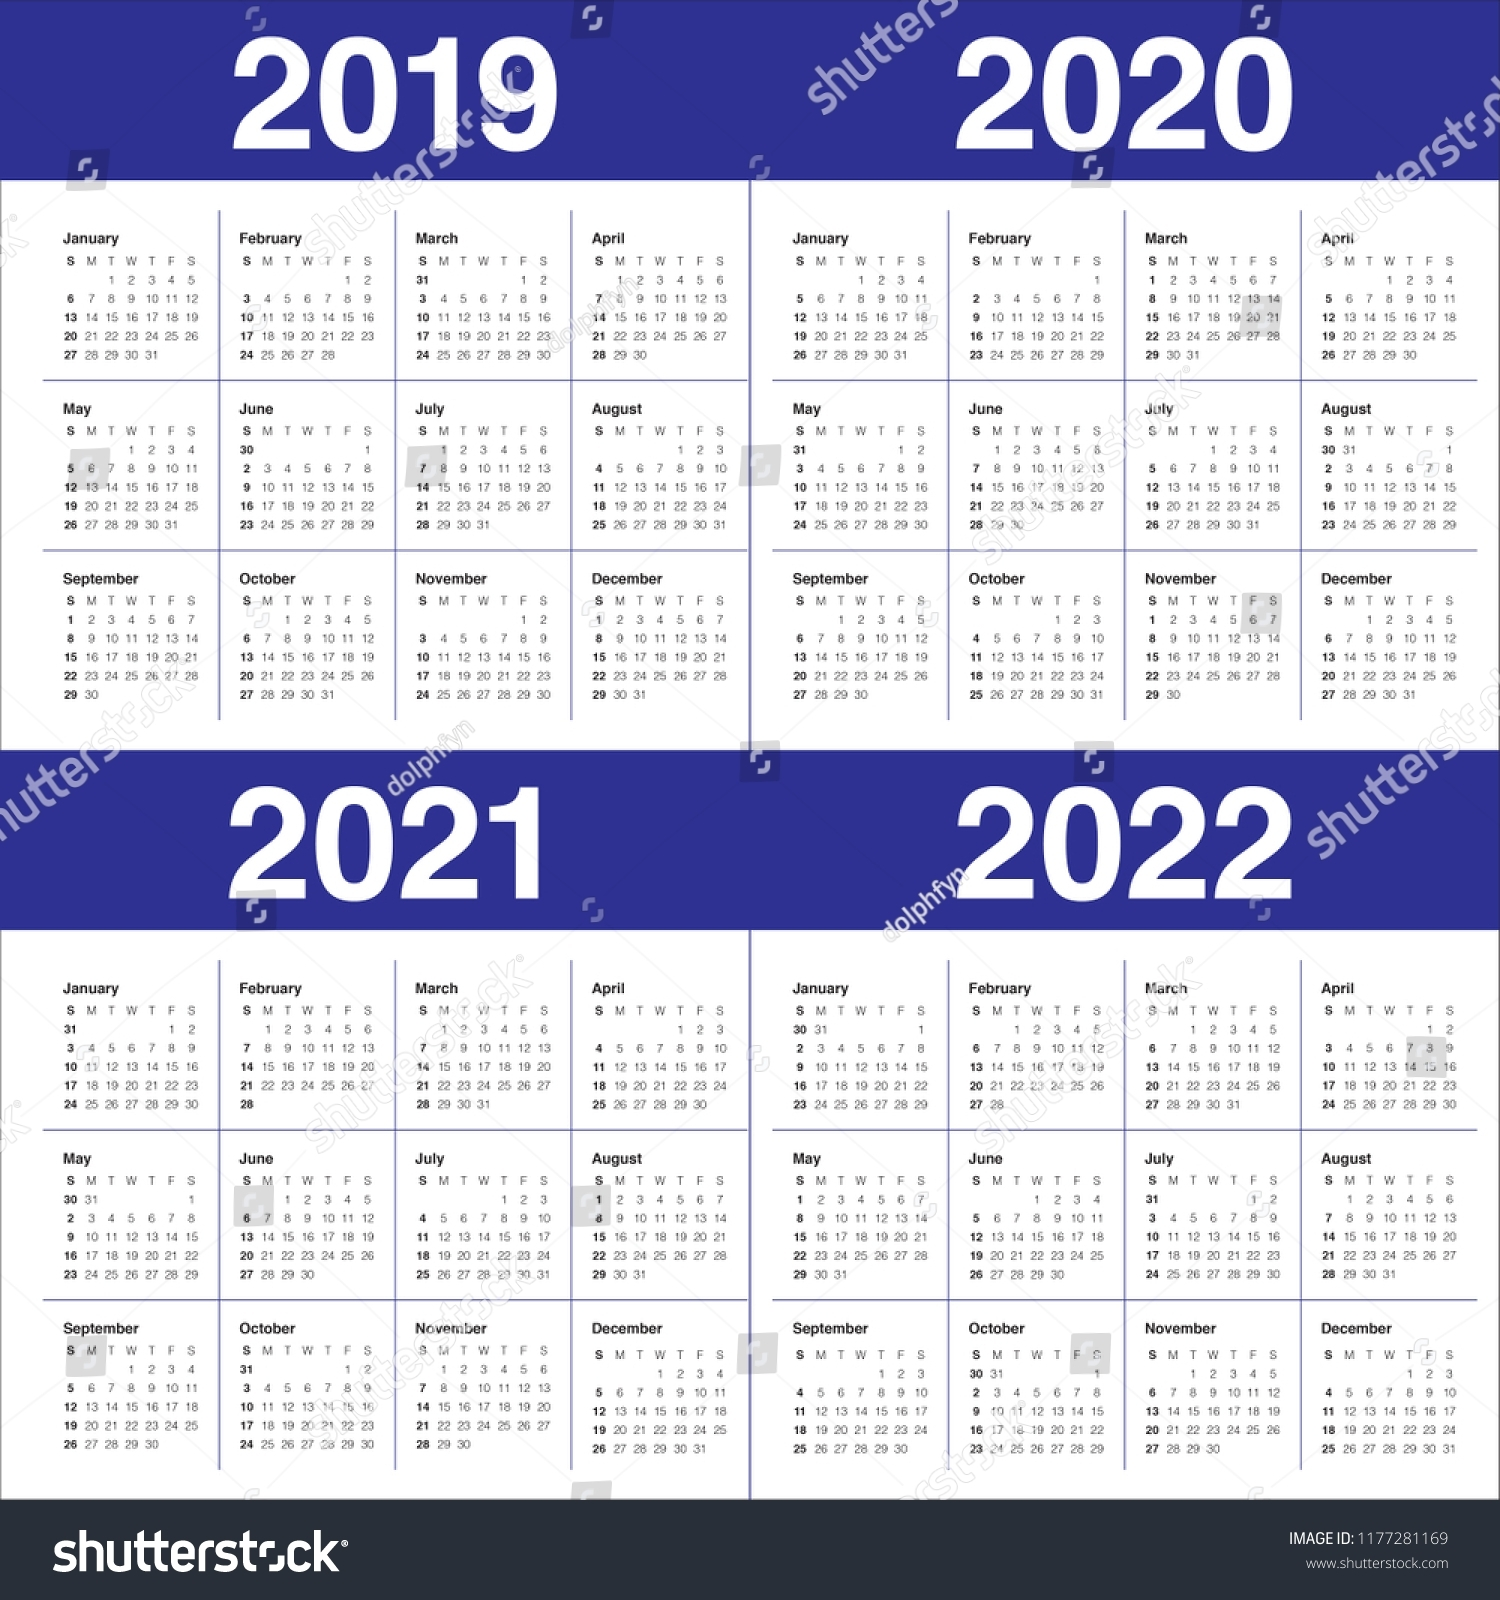 Year 2019 2020 2021 2022 Calendar Stock Vector (Royalty Free regarding Calendar Print Out 2019 2020 2021 2022